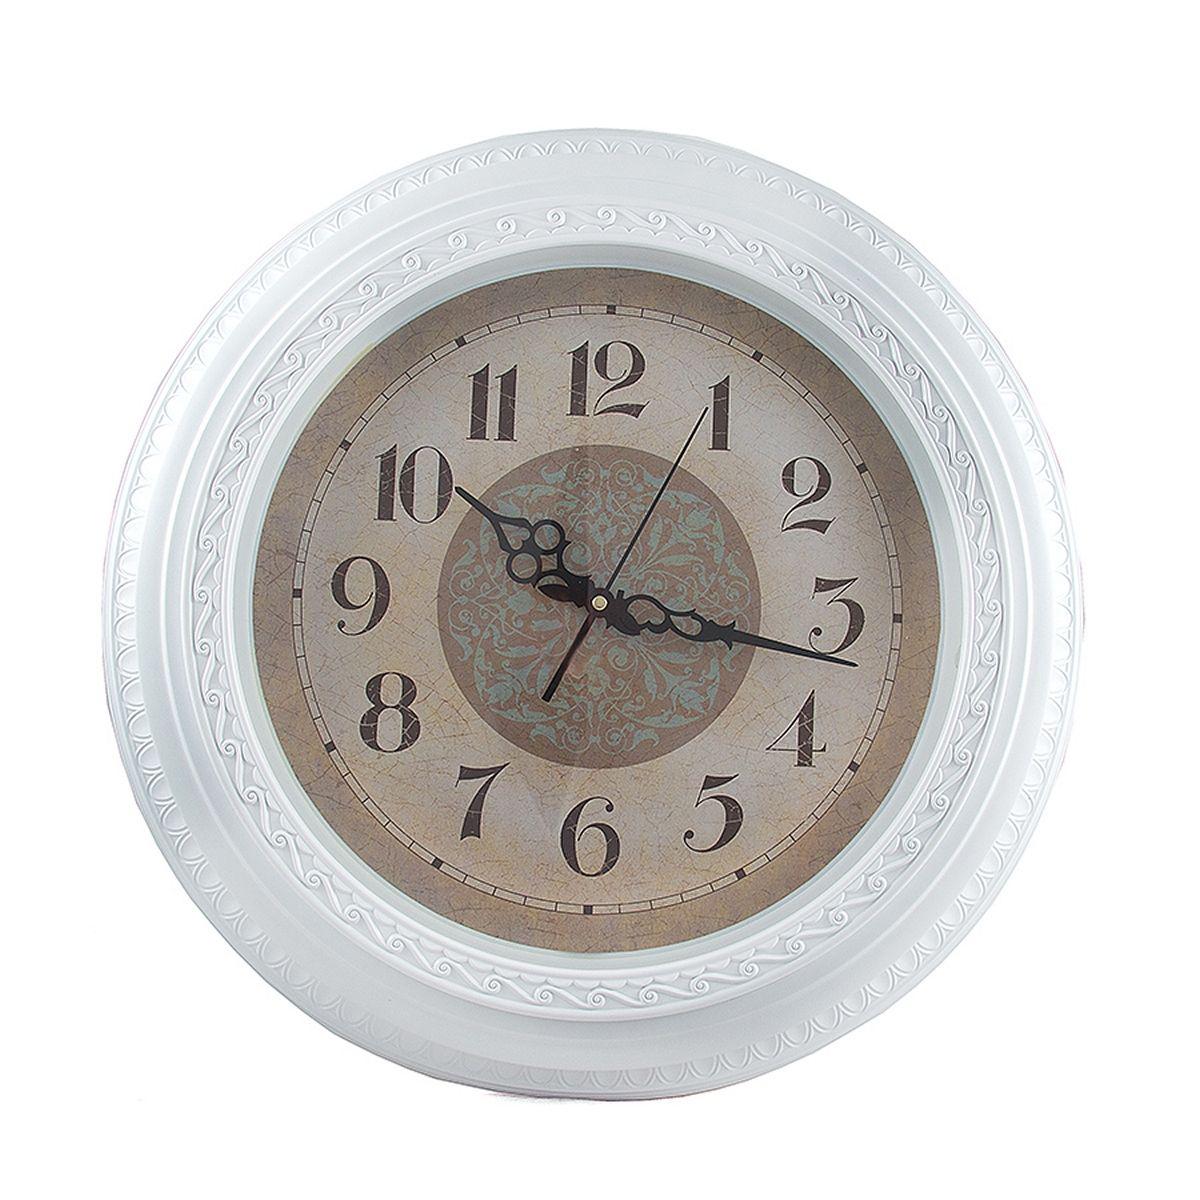 Часы настенные Русские Подарки, диаметр 53 см. 222441222441